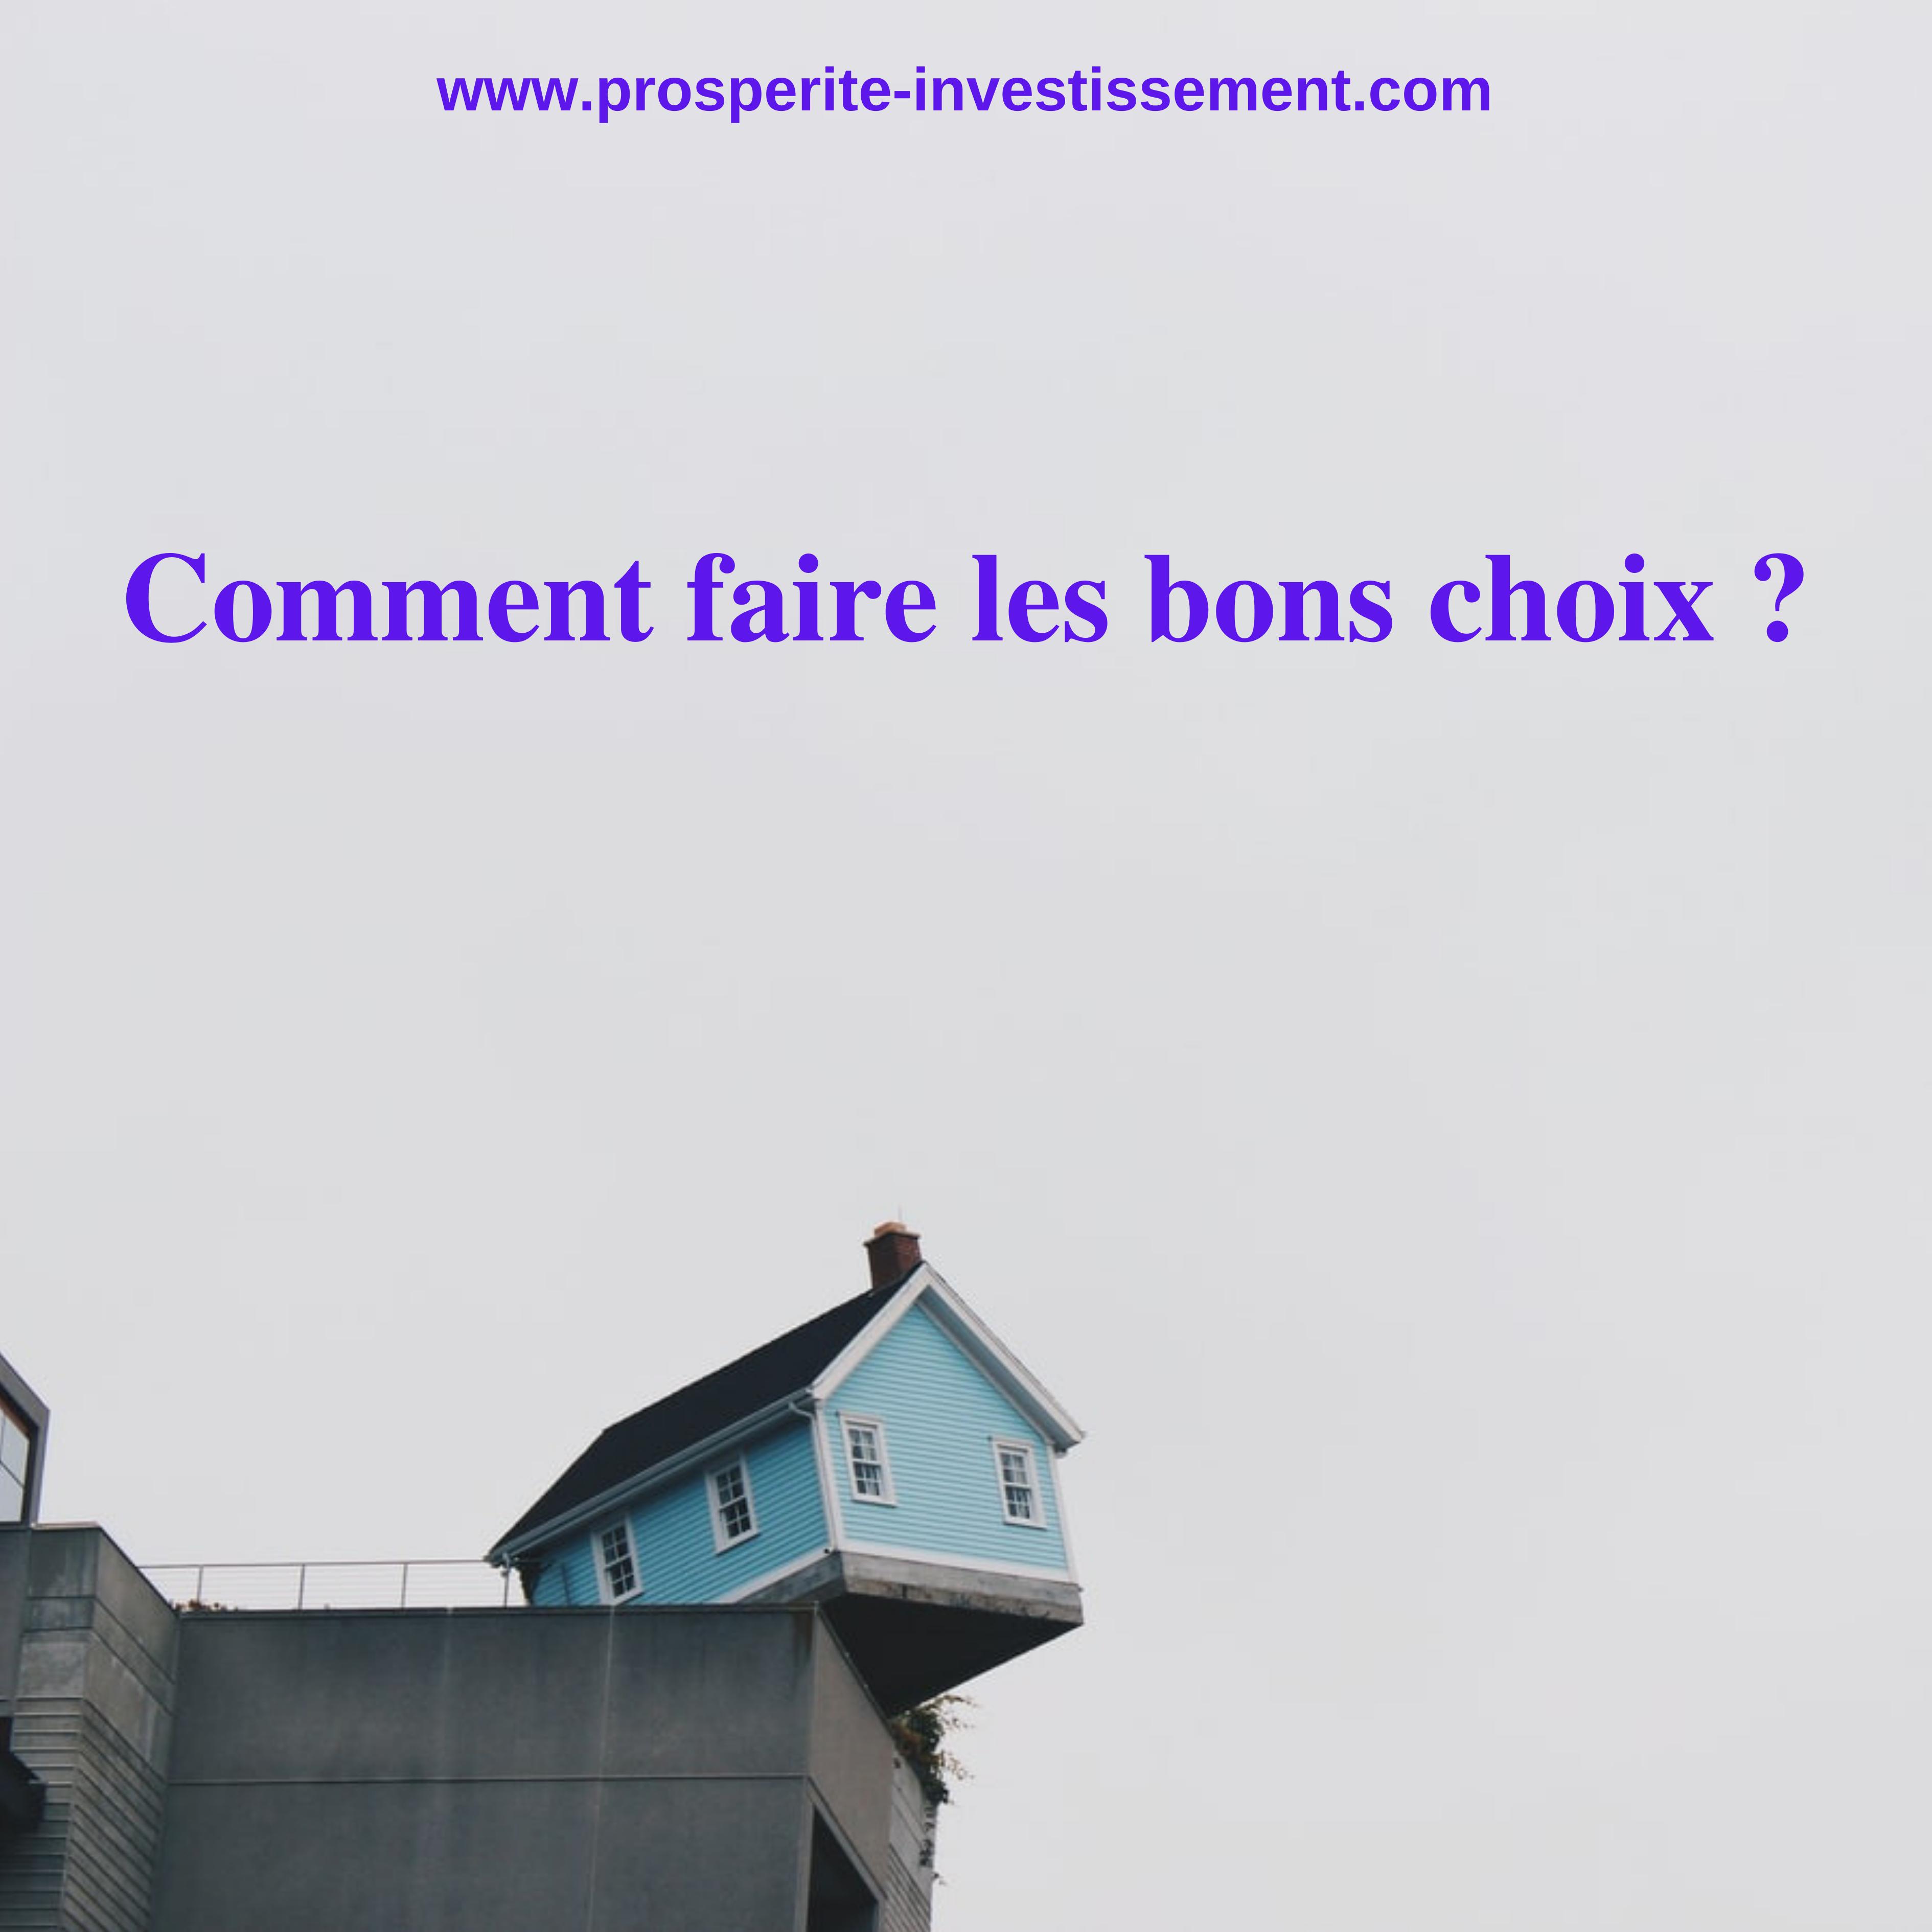 Investissement immobilier locatif : Comment faire les bons choix ?